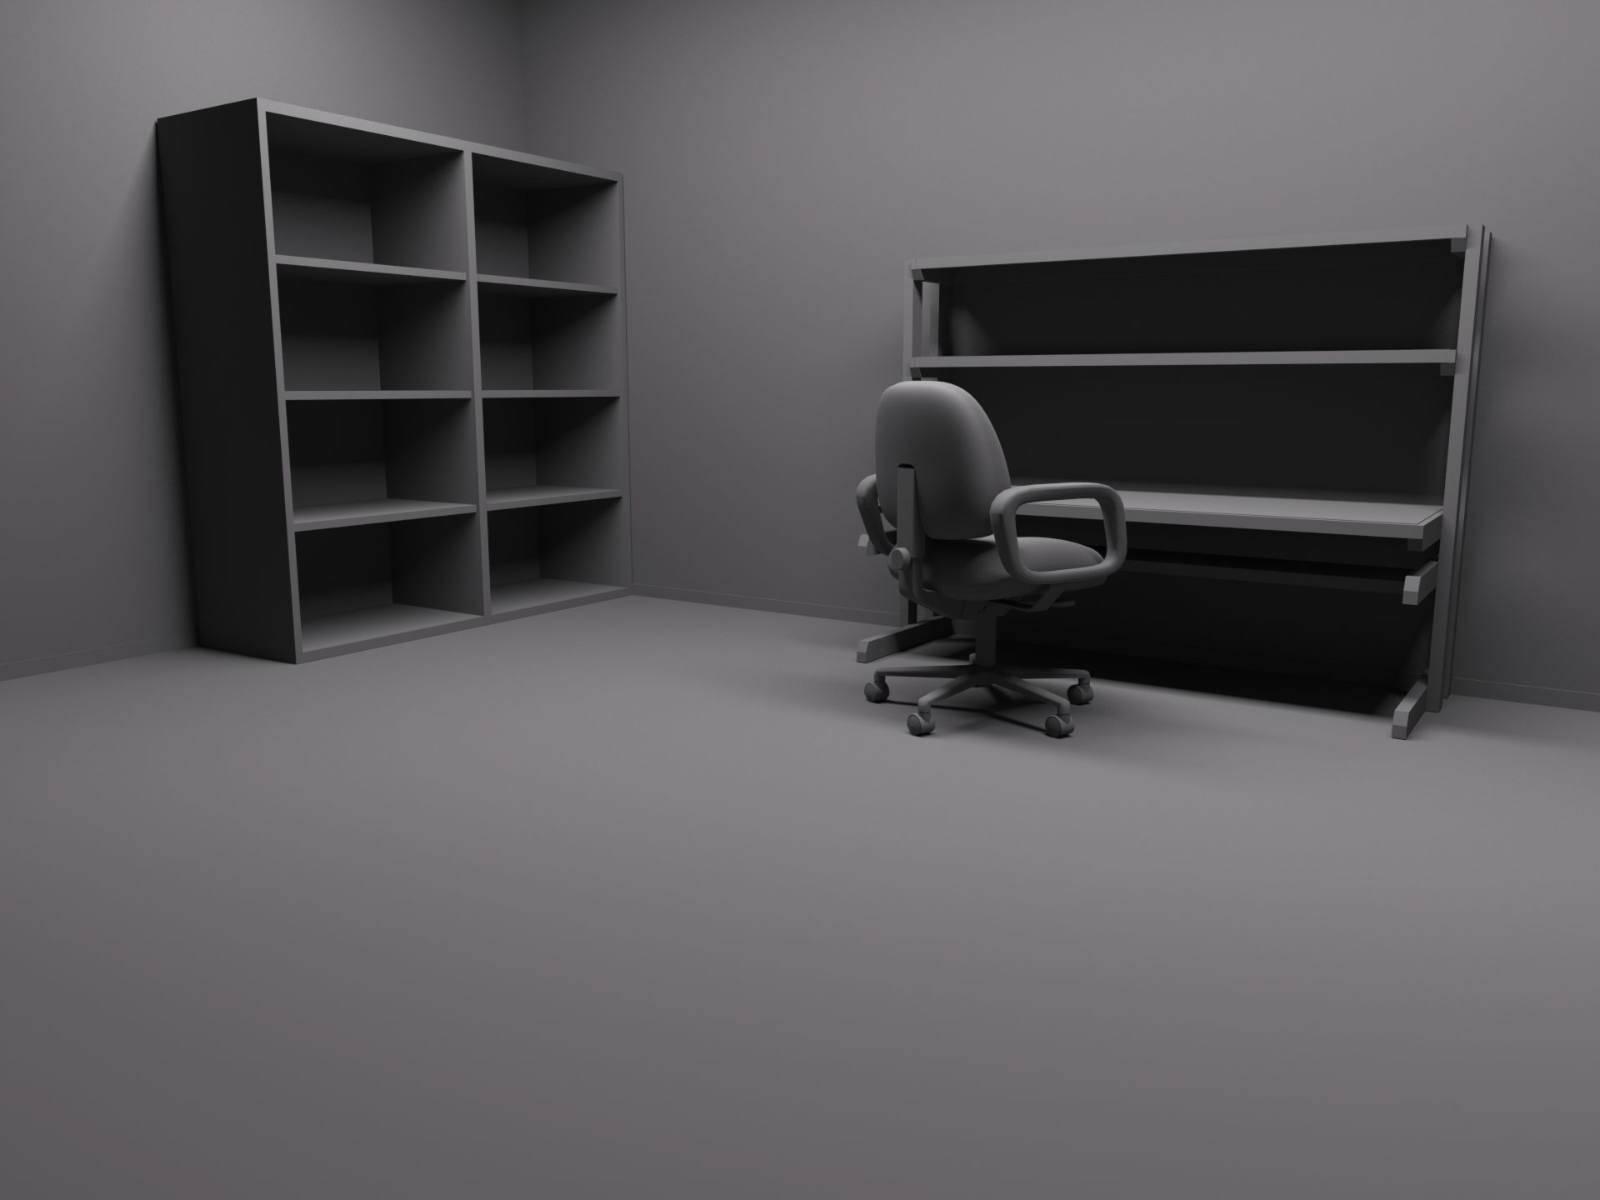 The Office Desktop Wallpaper on Dunder Mifflin Office Layout